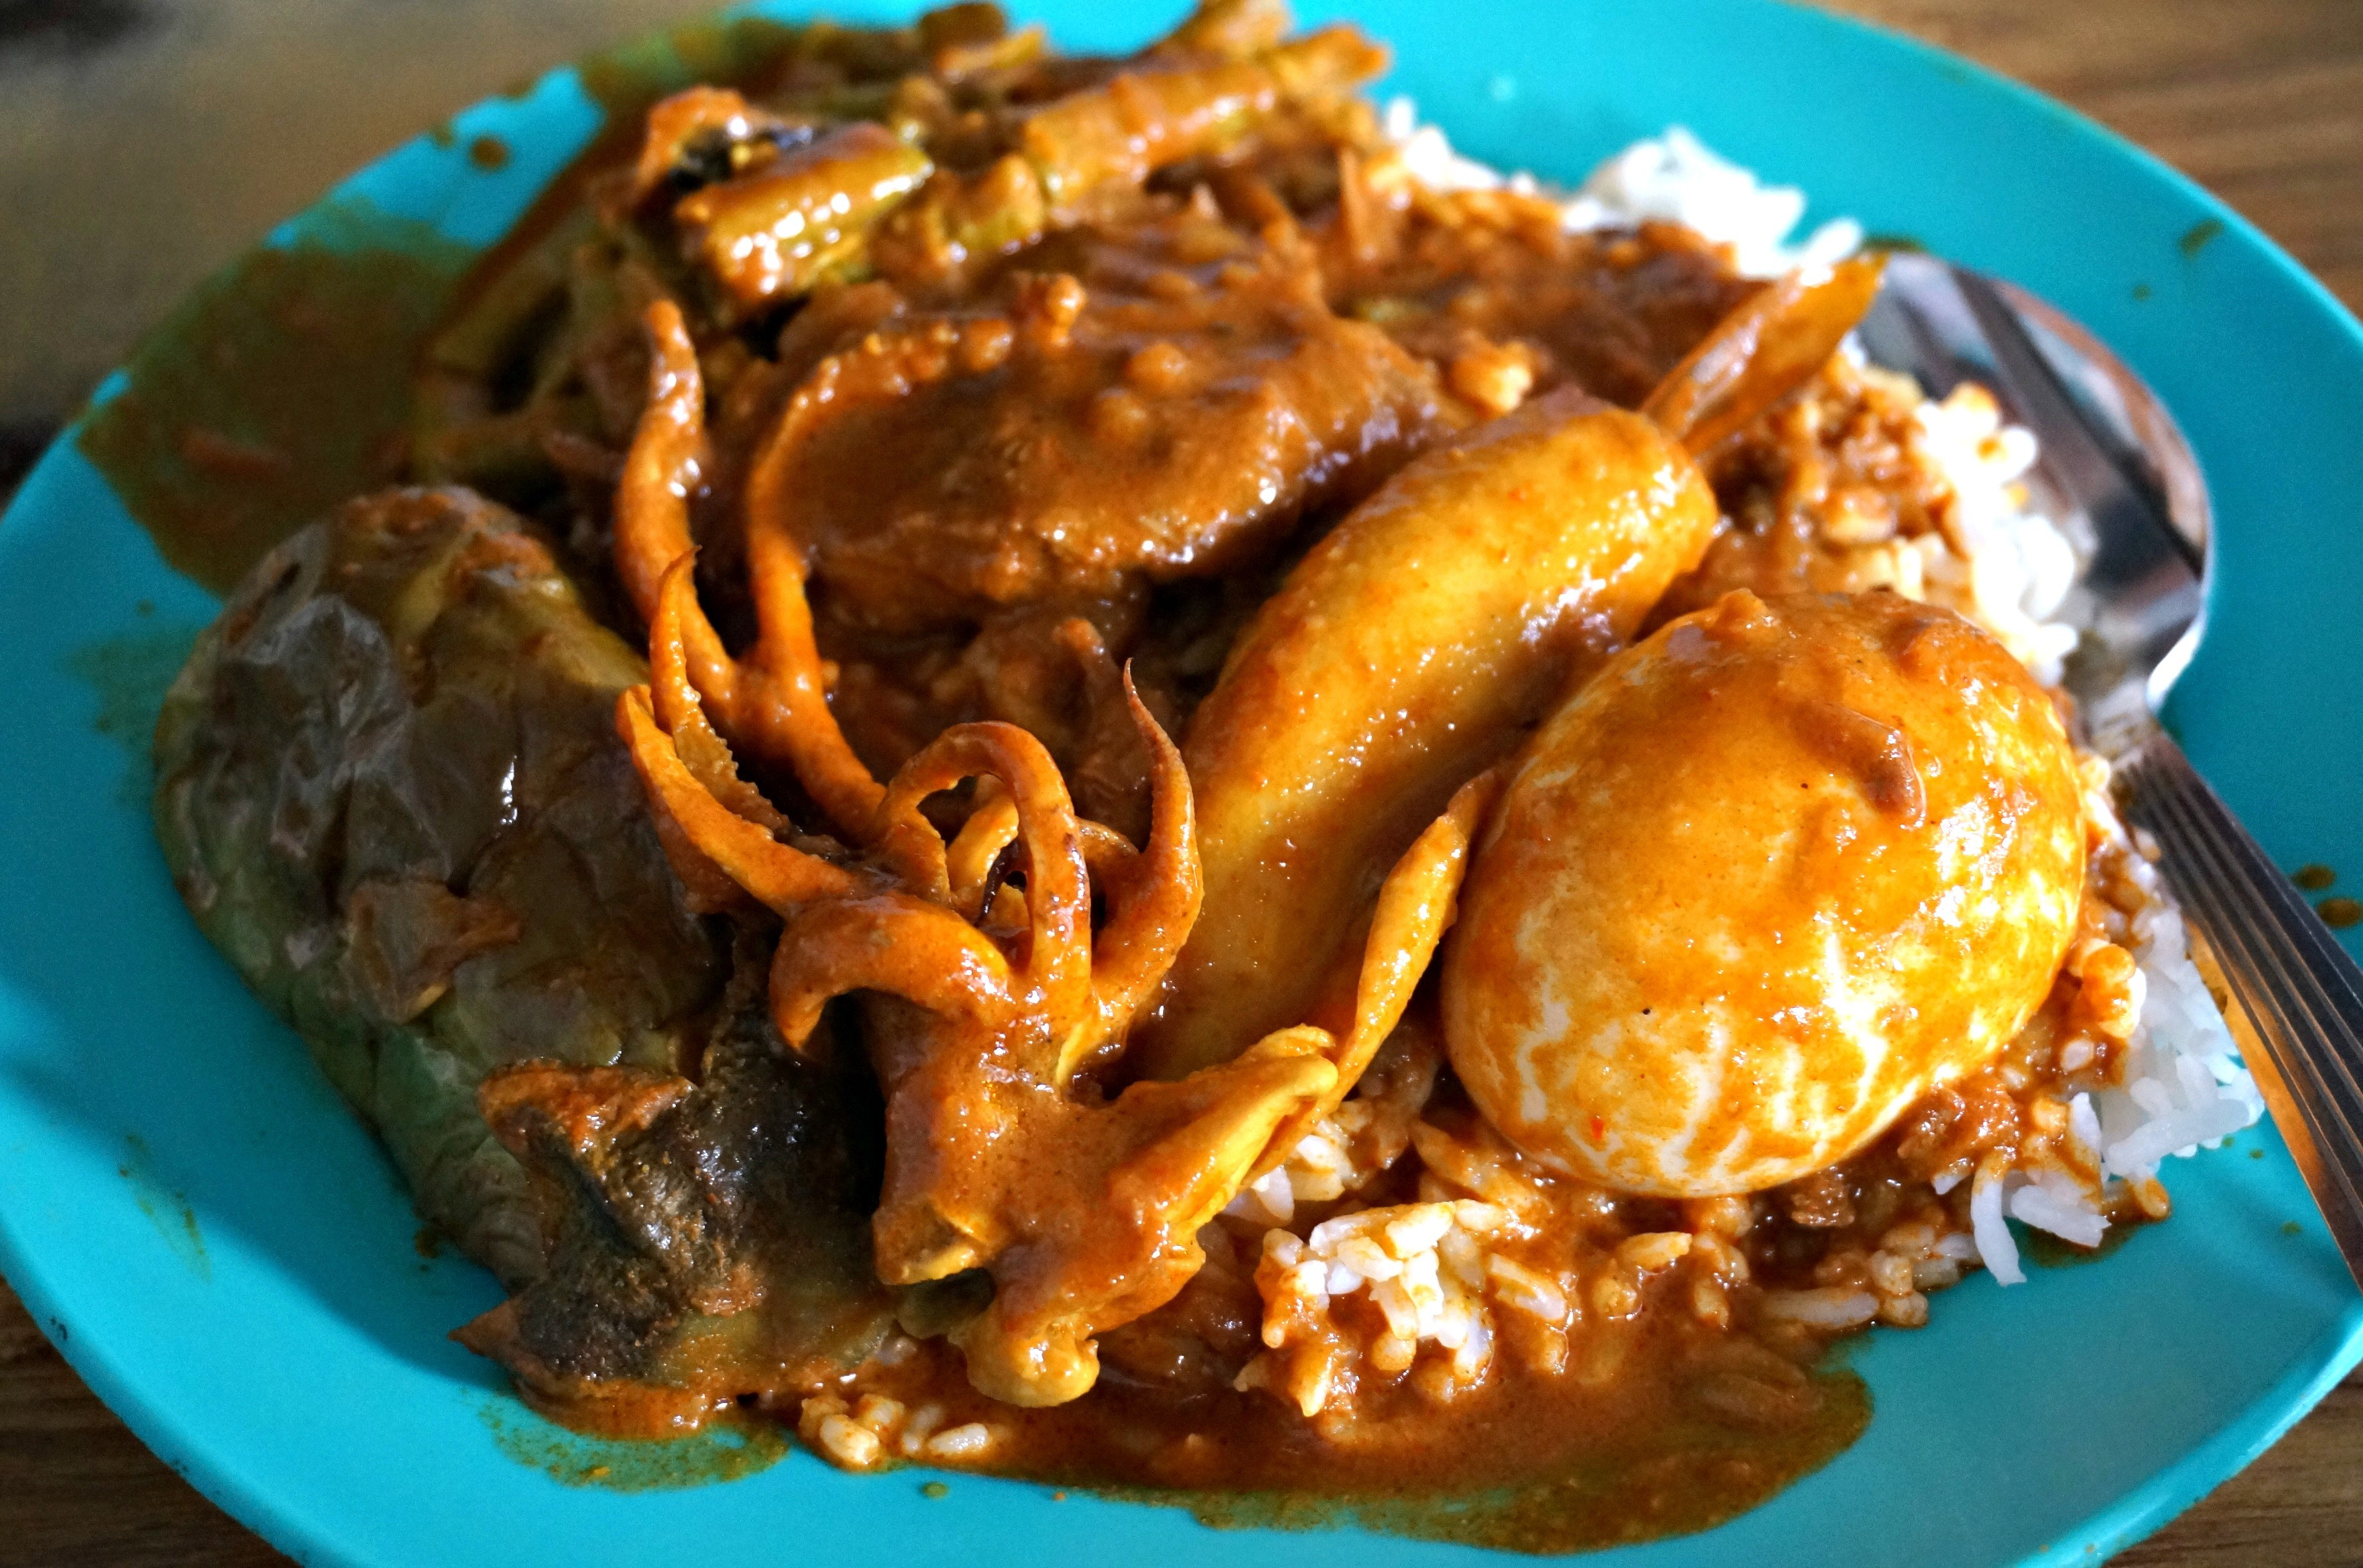 [Penang] Deen Nasi Kandar at Toon Leong, Argyll Road. - Asia Pacific - Hungry Onion